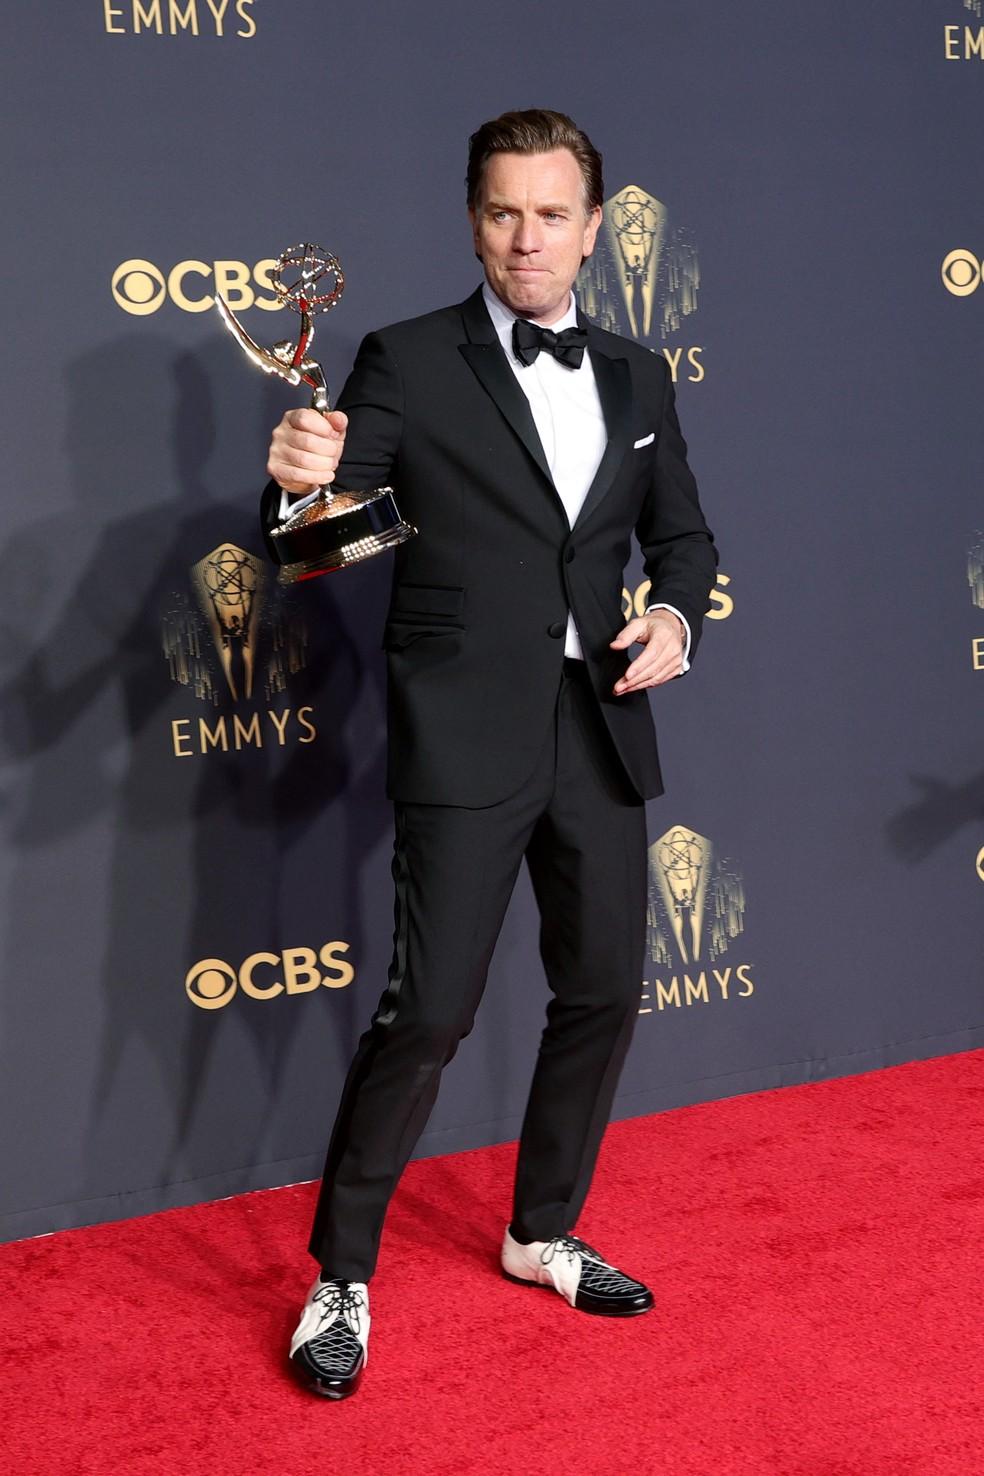 Ewan McGregor mostra o prêmio que ganhou no Emmy 2021 — Foto: Rich Fury/Getty Images North America/Getty Images via AFP